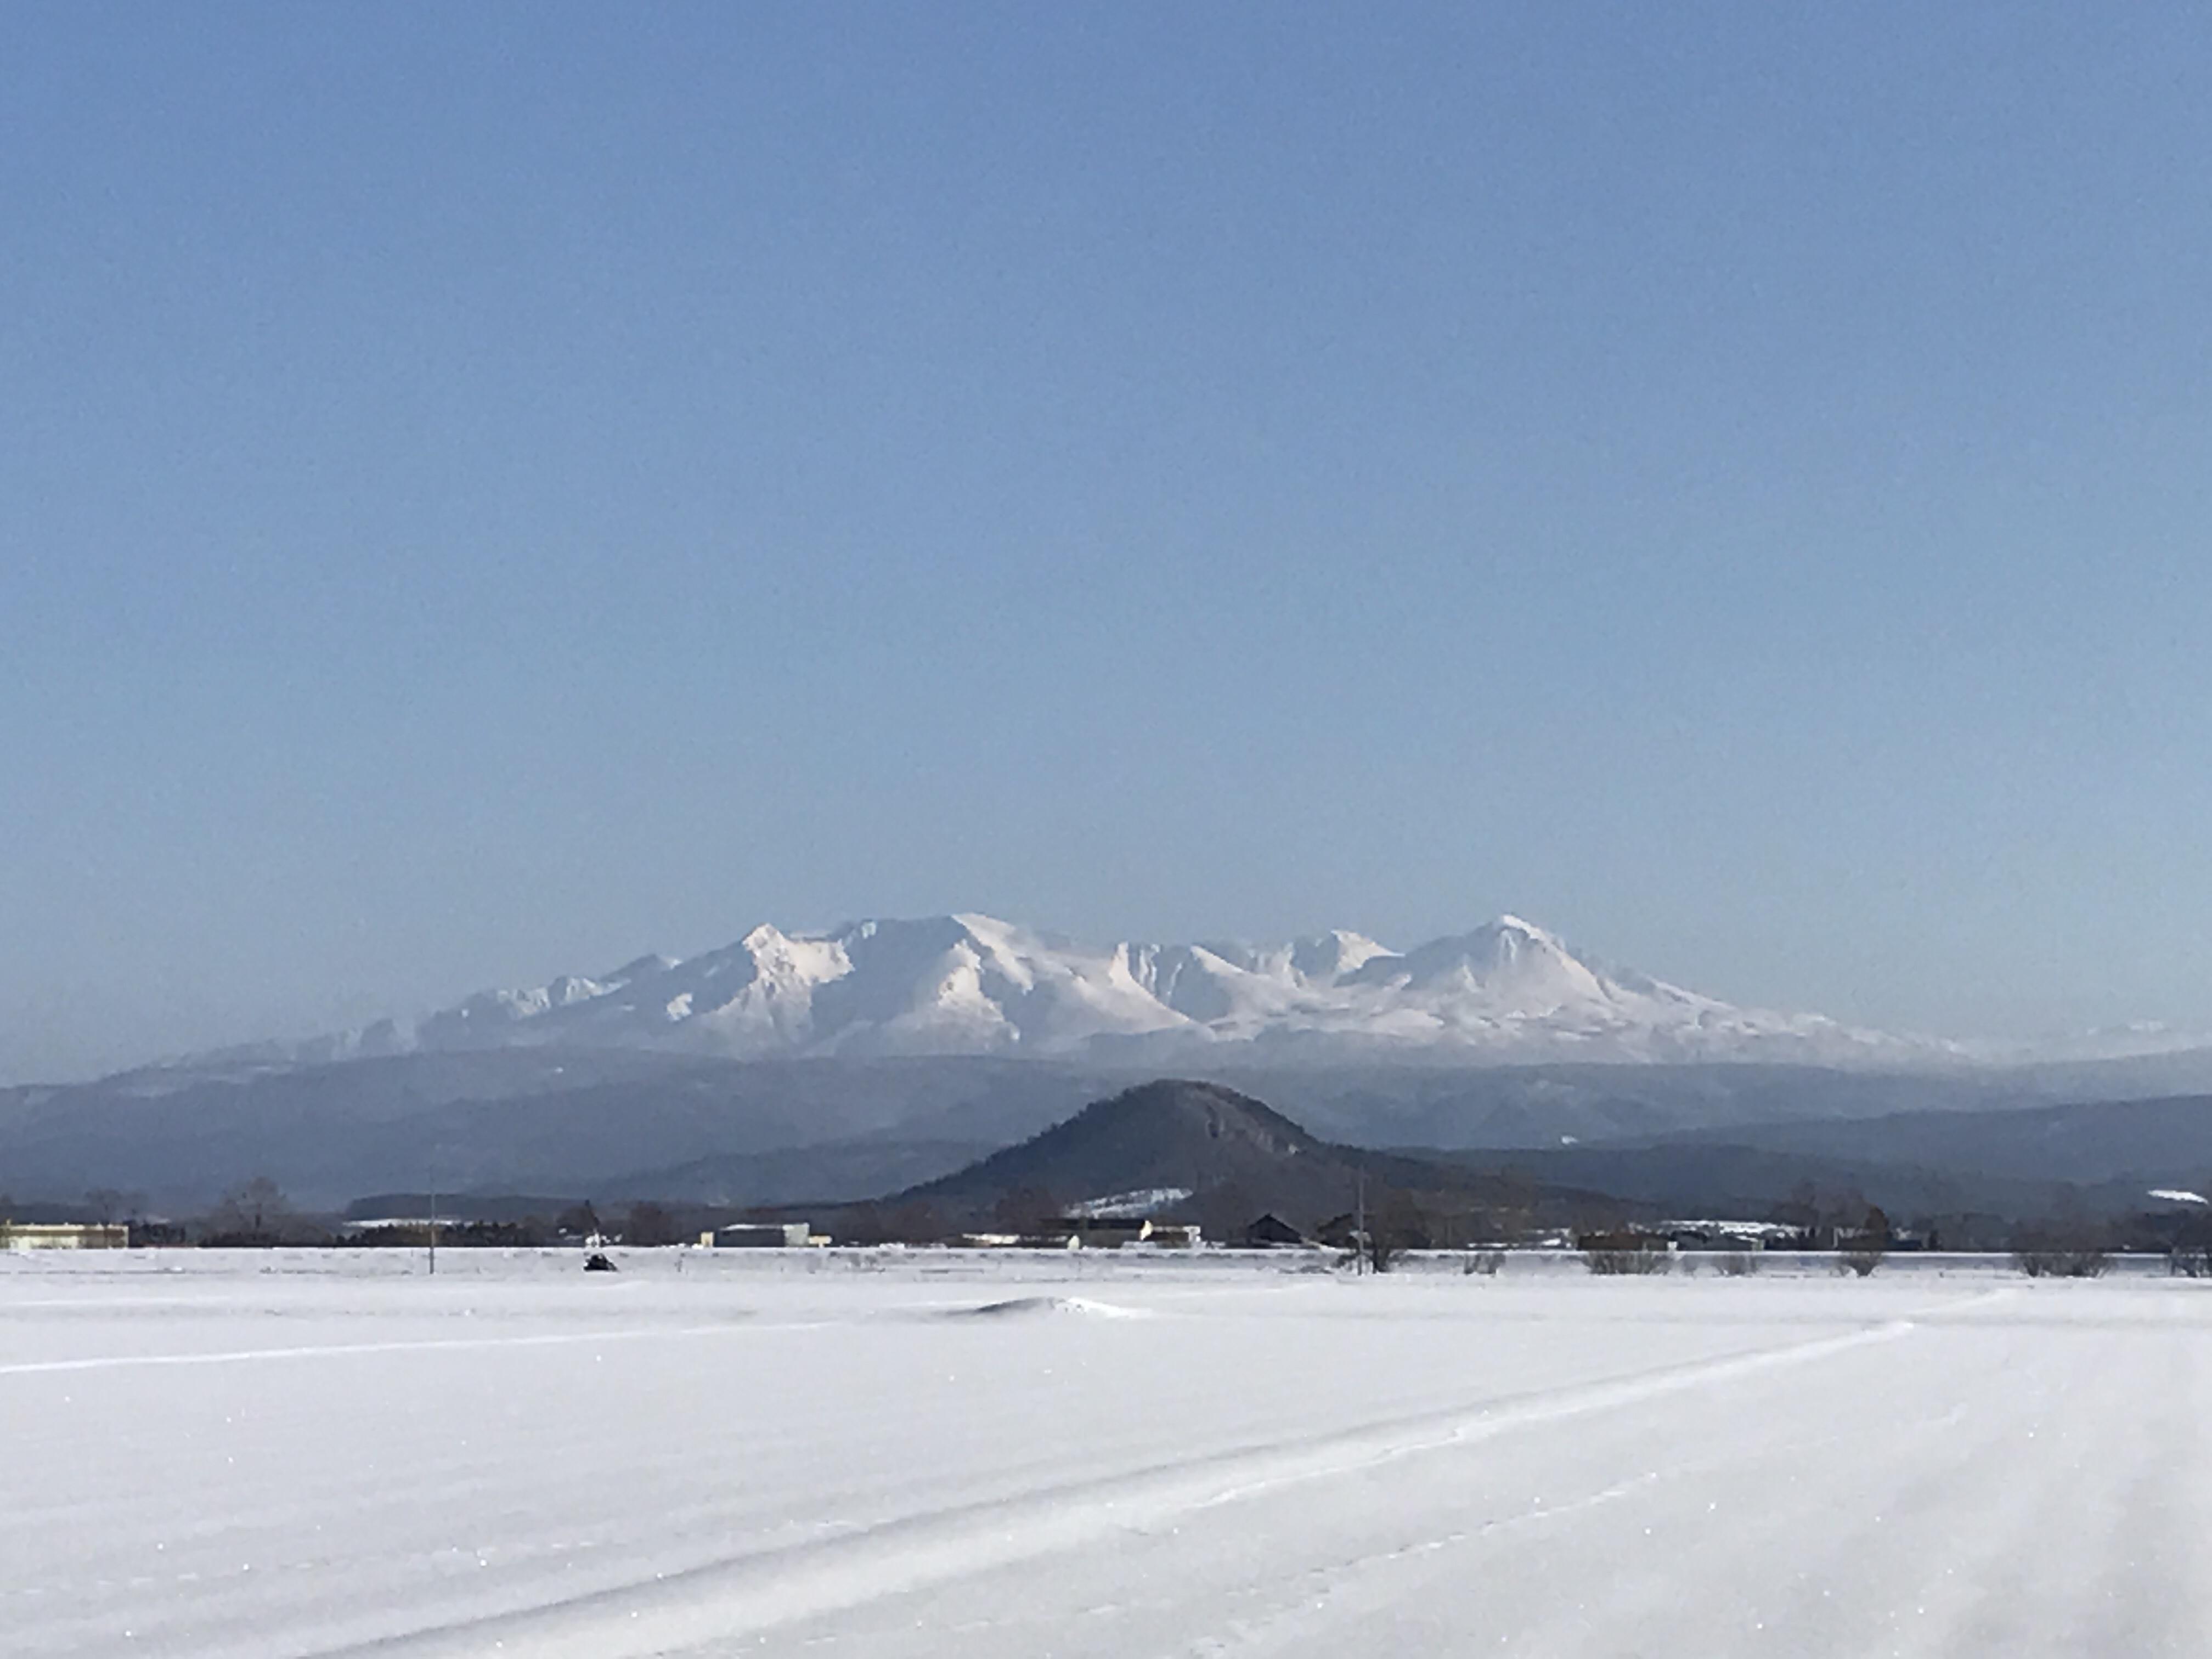 大雪山が世界一綺麗に見える町